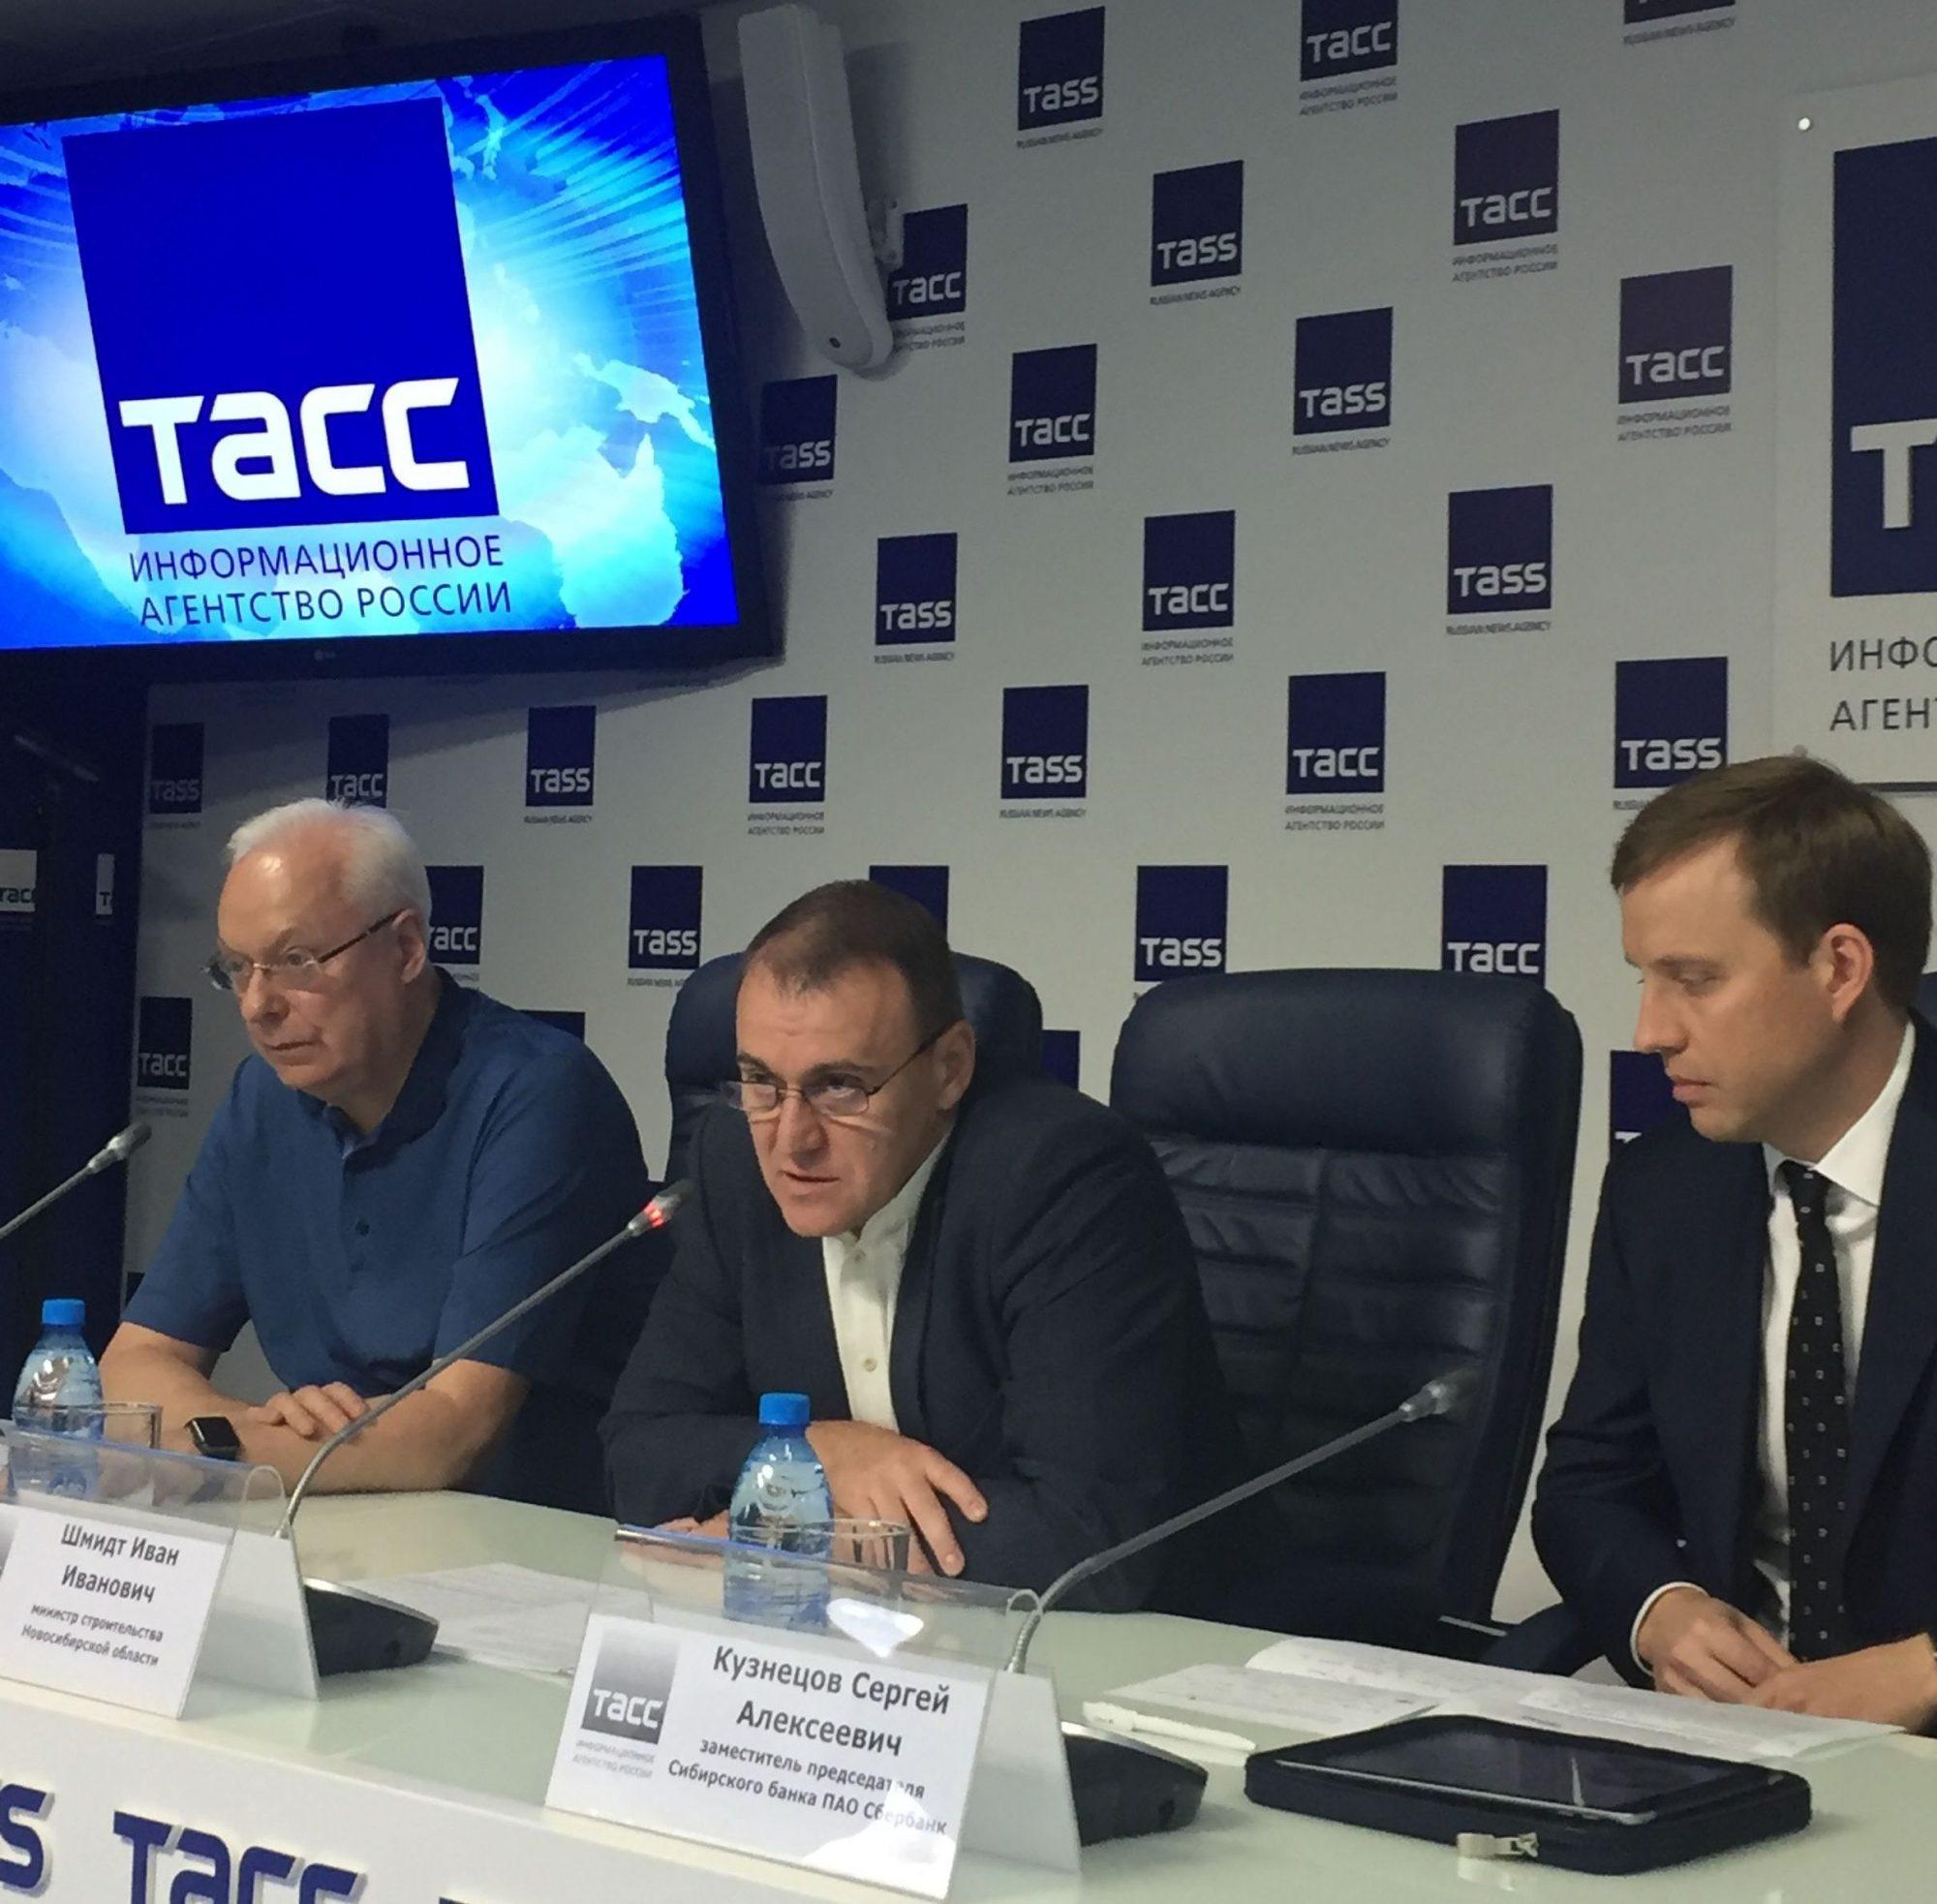 Финансирование жилищного строительства с помощью счетов эскроу не окажет значительного влияния на строительный рынок Новосибирской области.